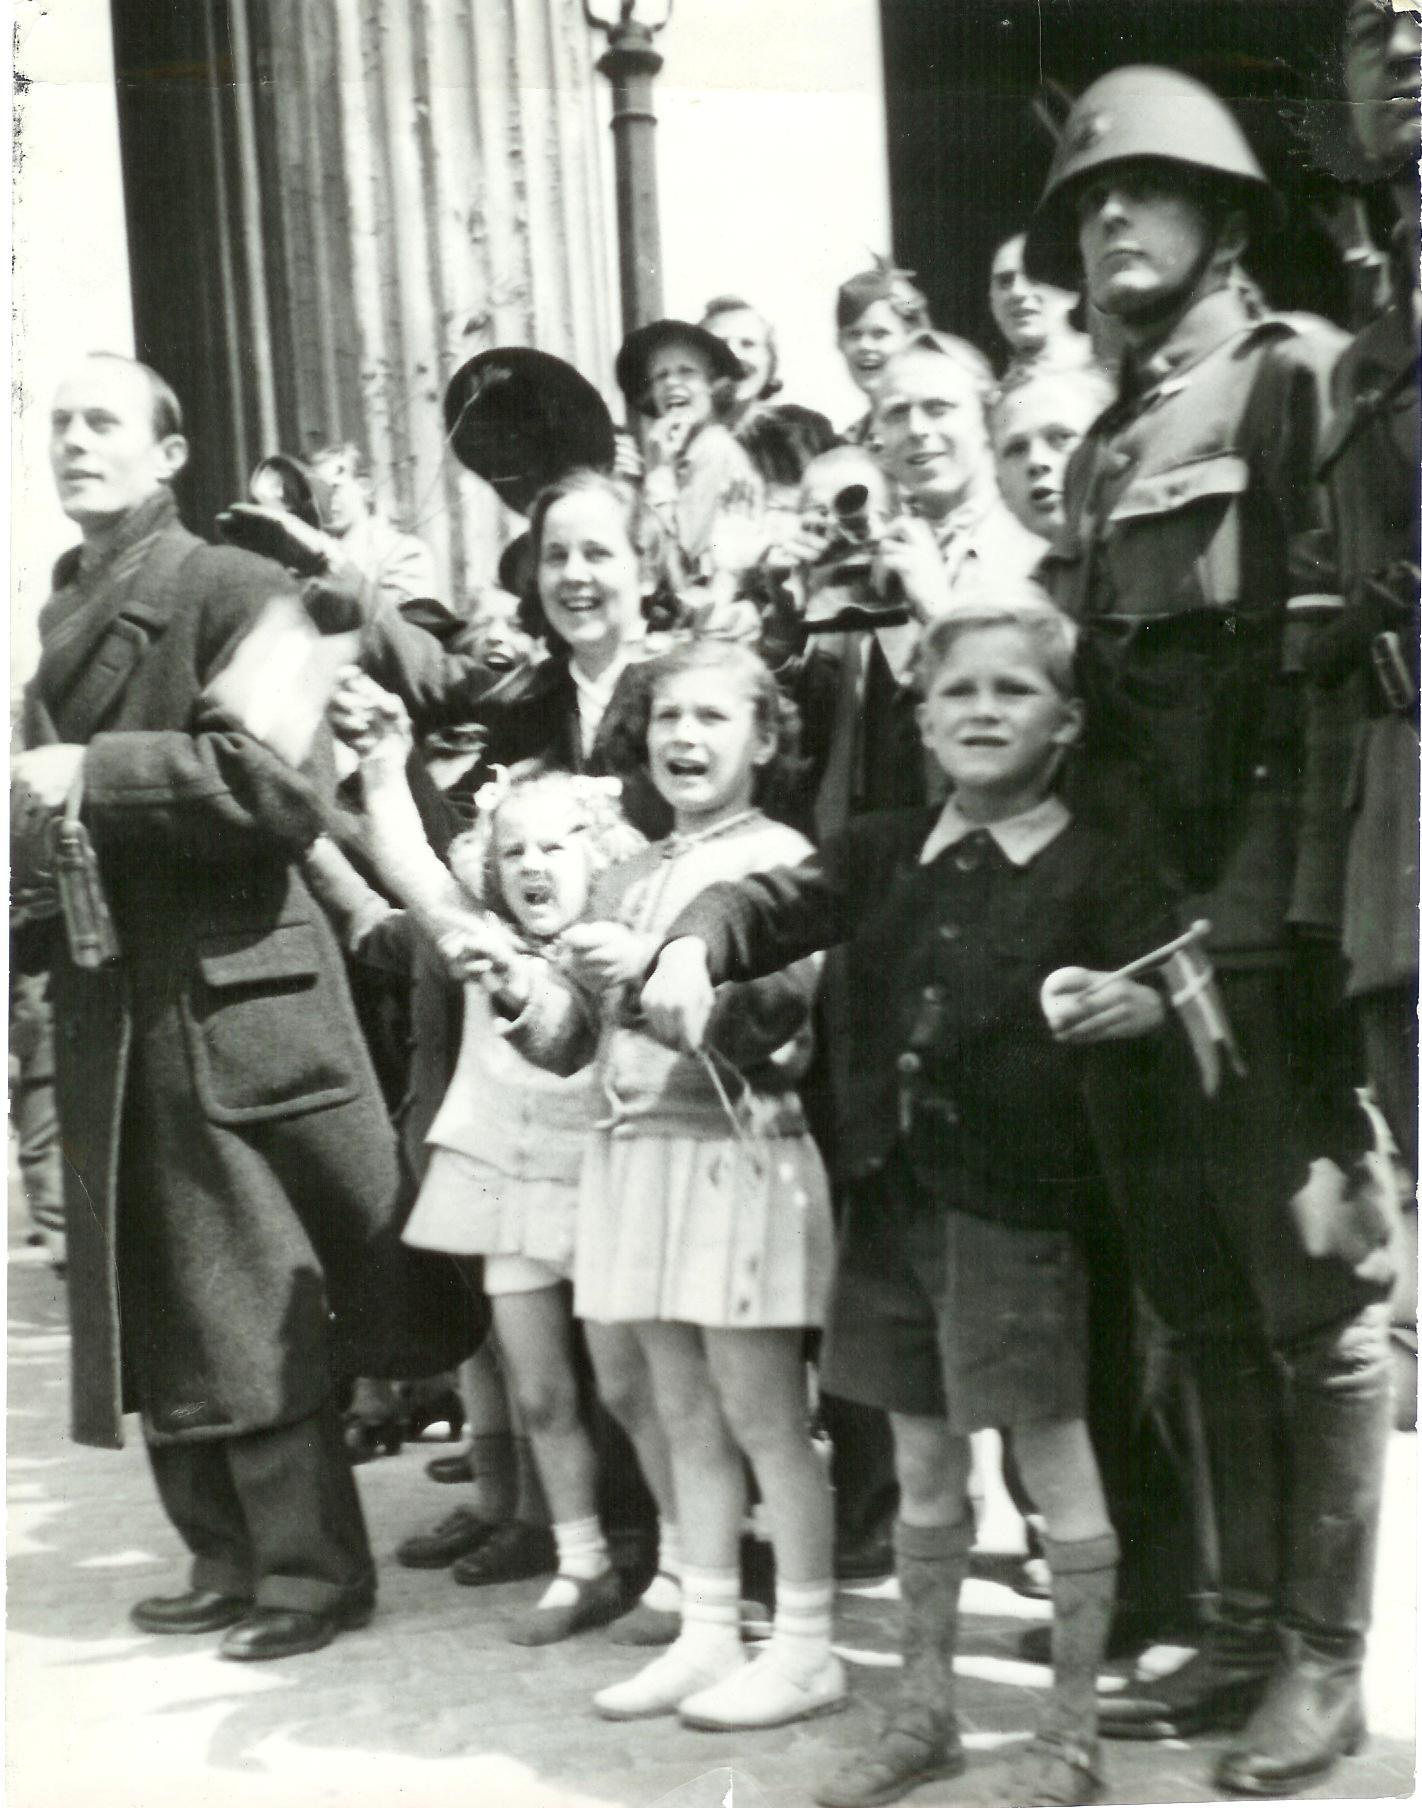 1945. Восторженные люди с флагами возле Фор Фруэ Кирка